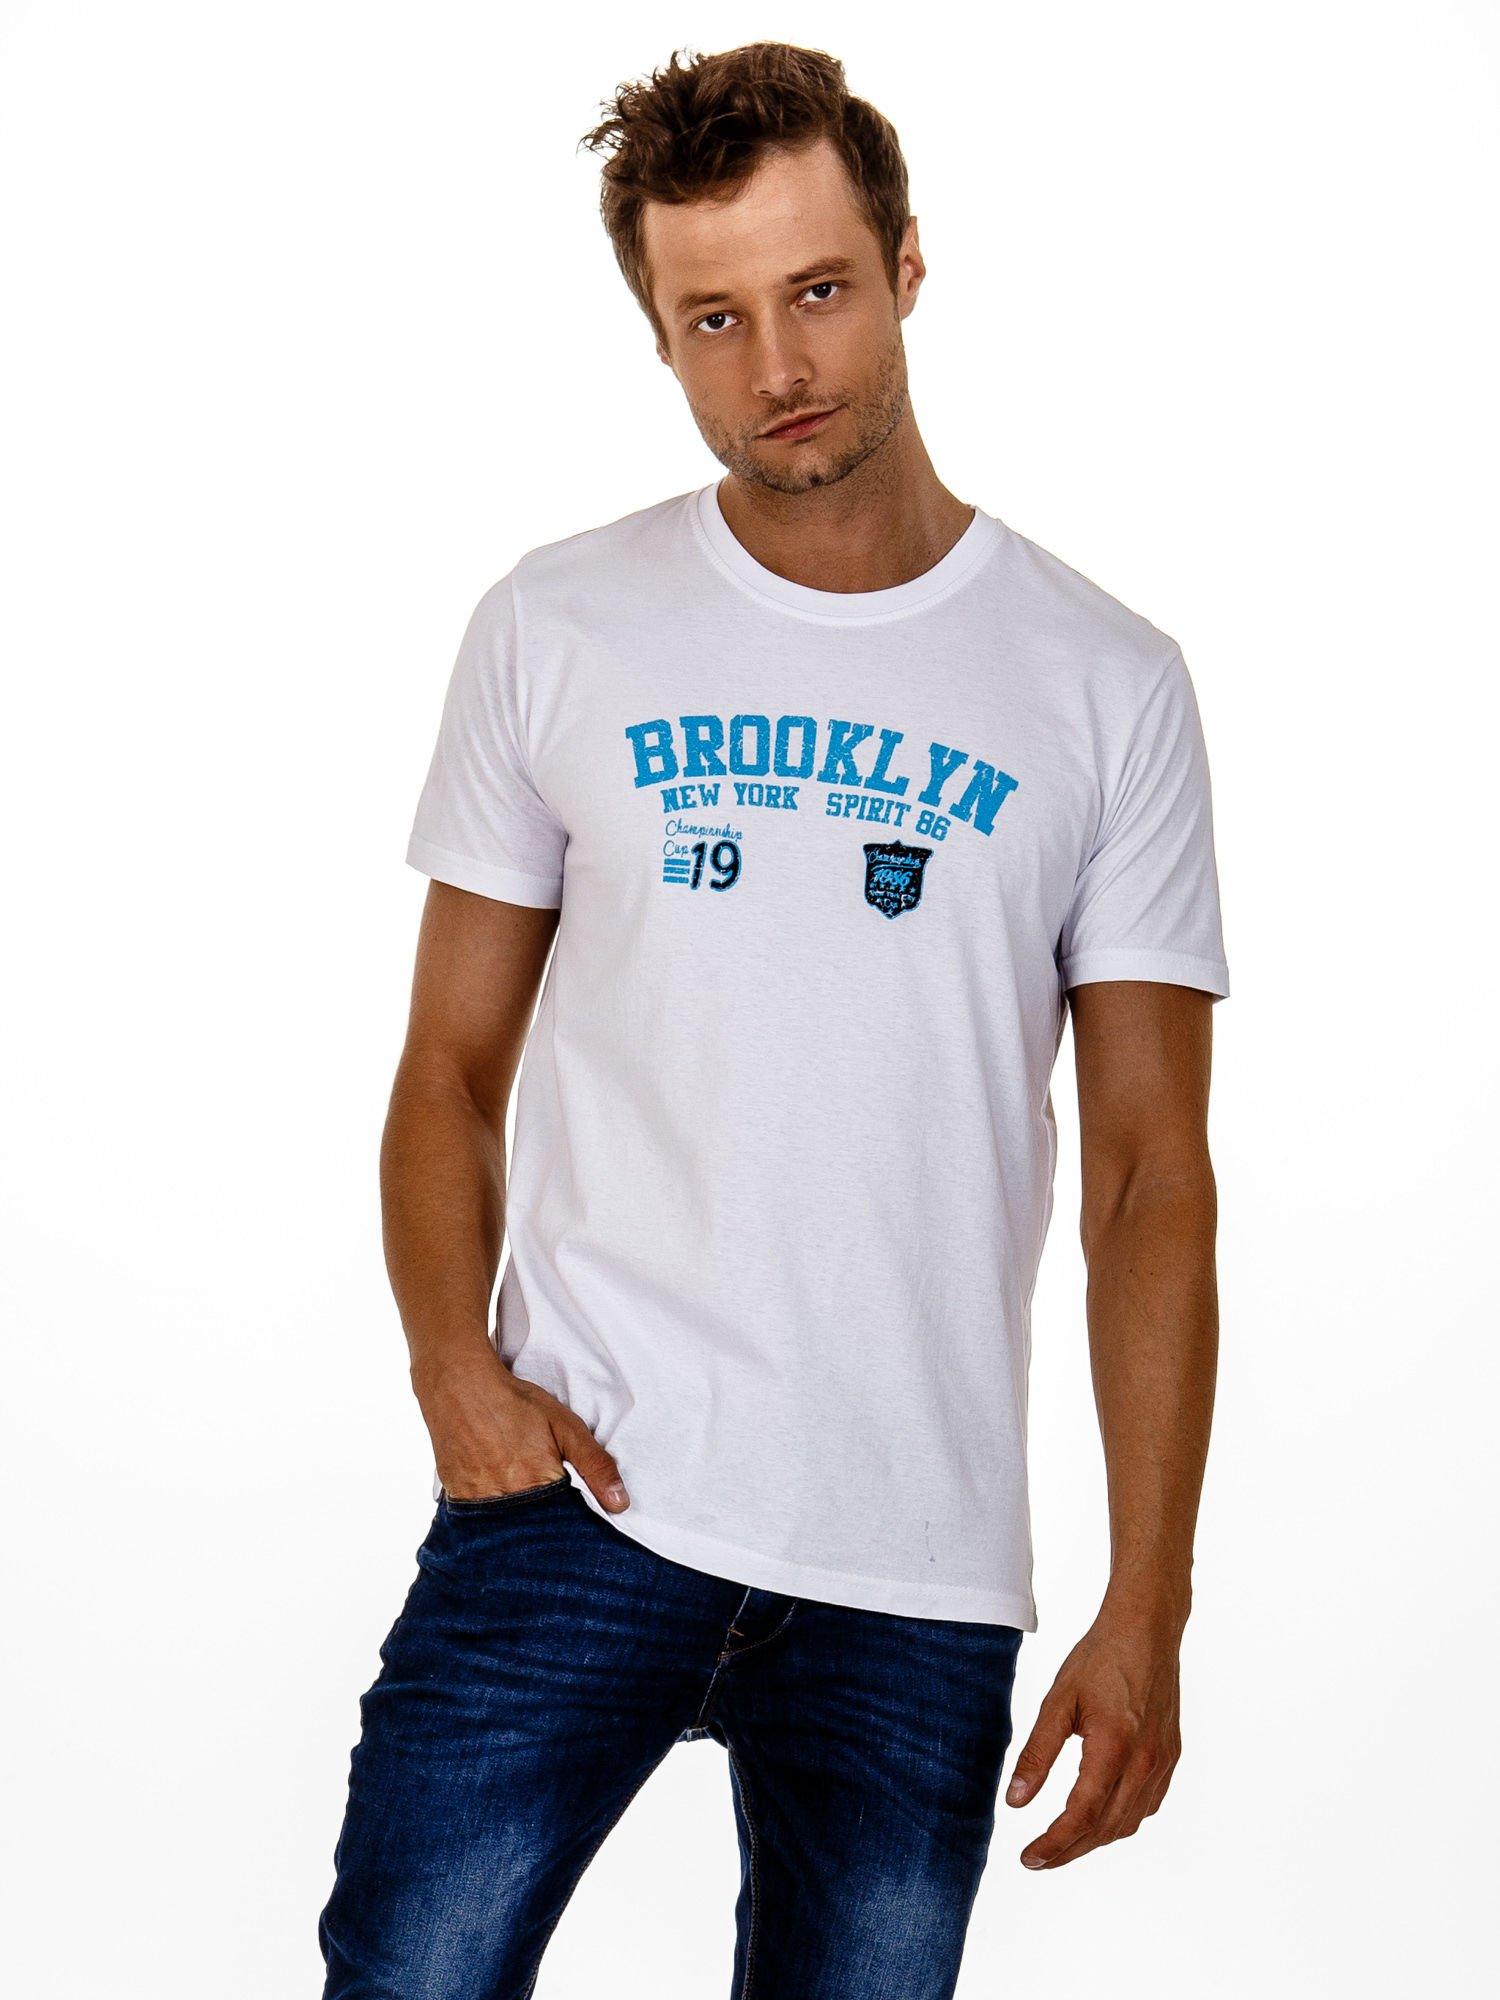 Biały t-shirt męski z napisami BROOKLYN NEW YORK SPIRIT 86                                  zdj.                                  2